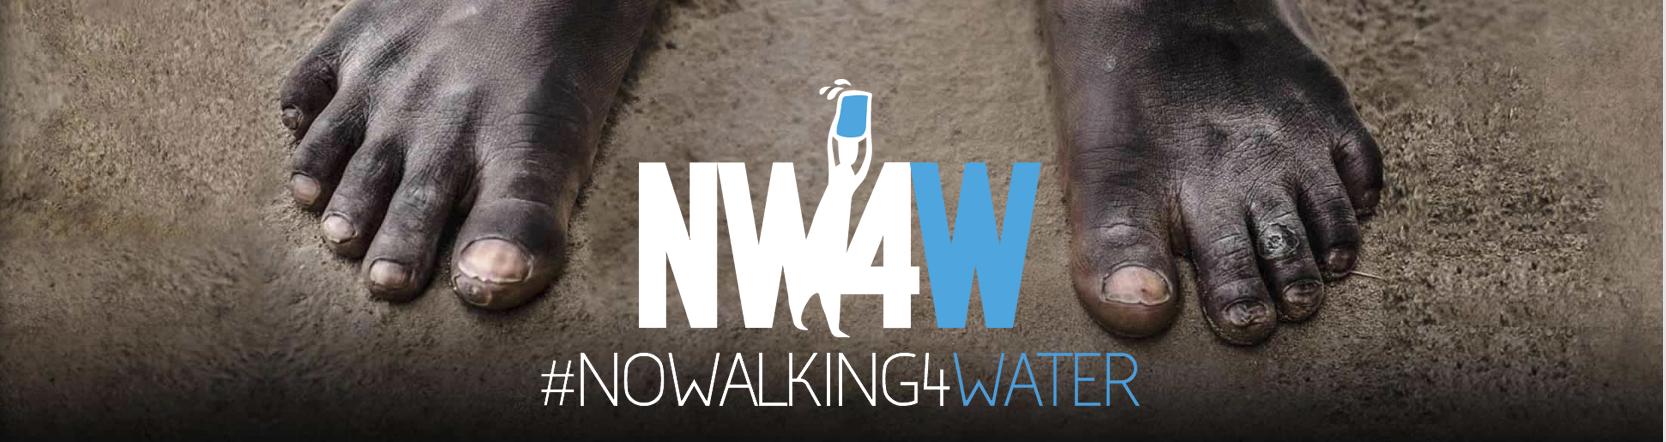 nowalking4water